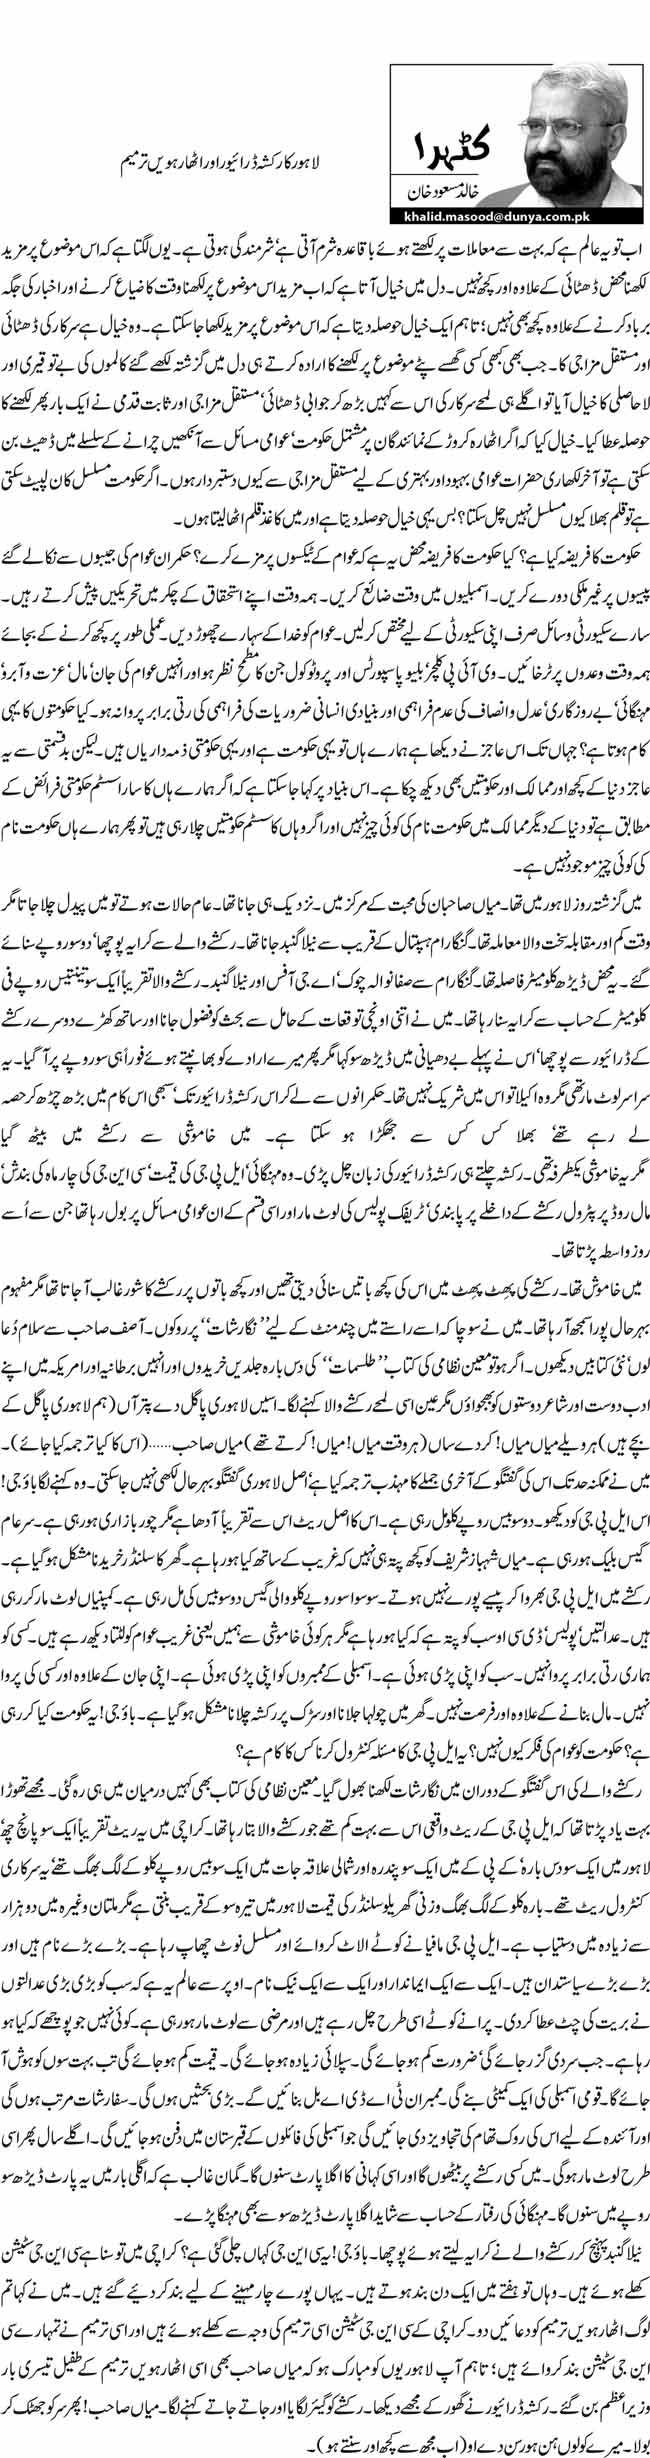 لاہور کا رکشہ ڈرائیور اور اٹھارہویں ترمیم